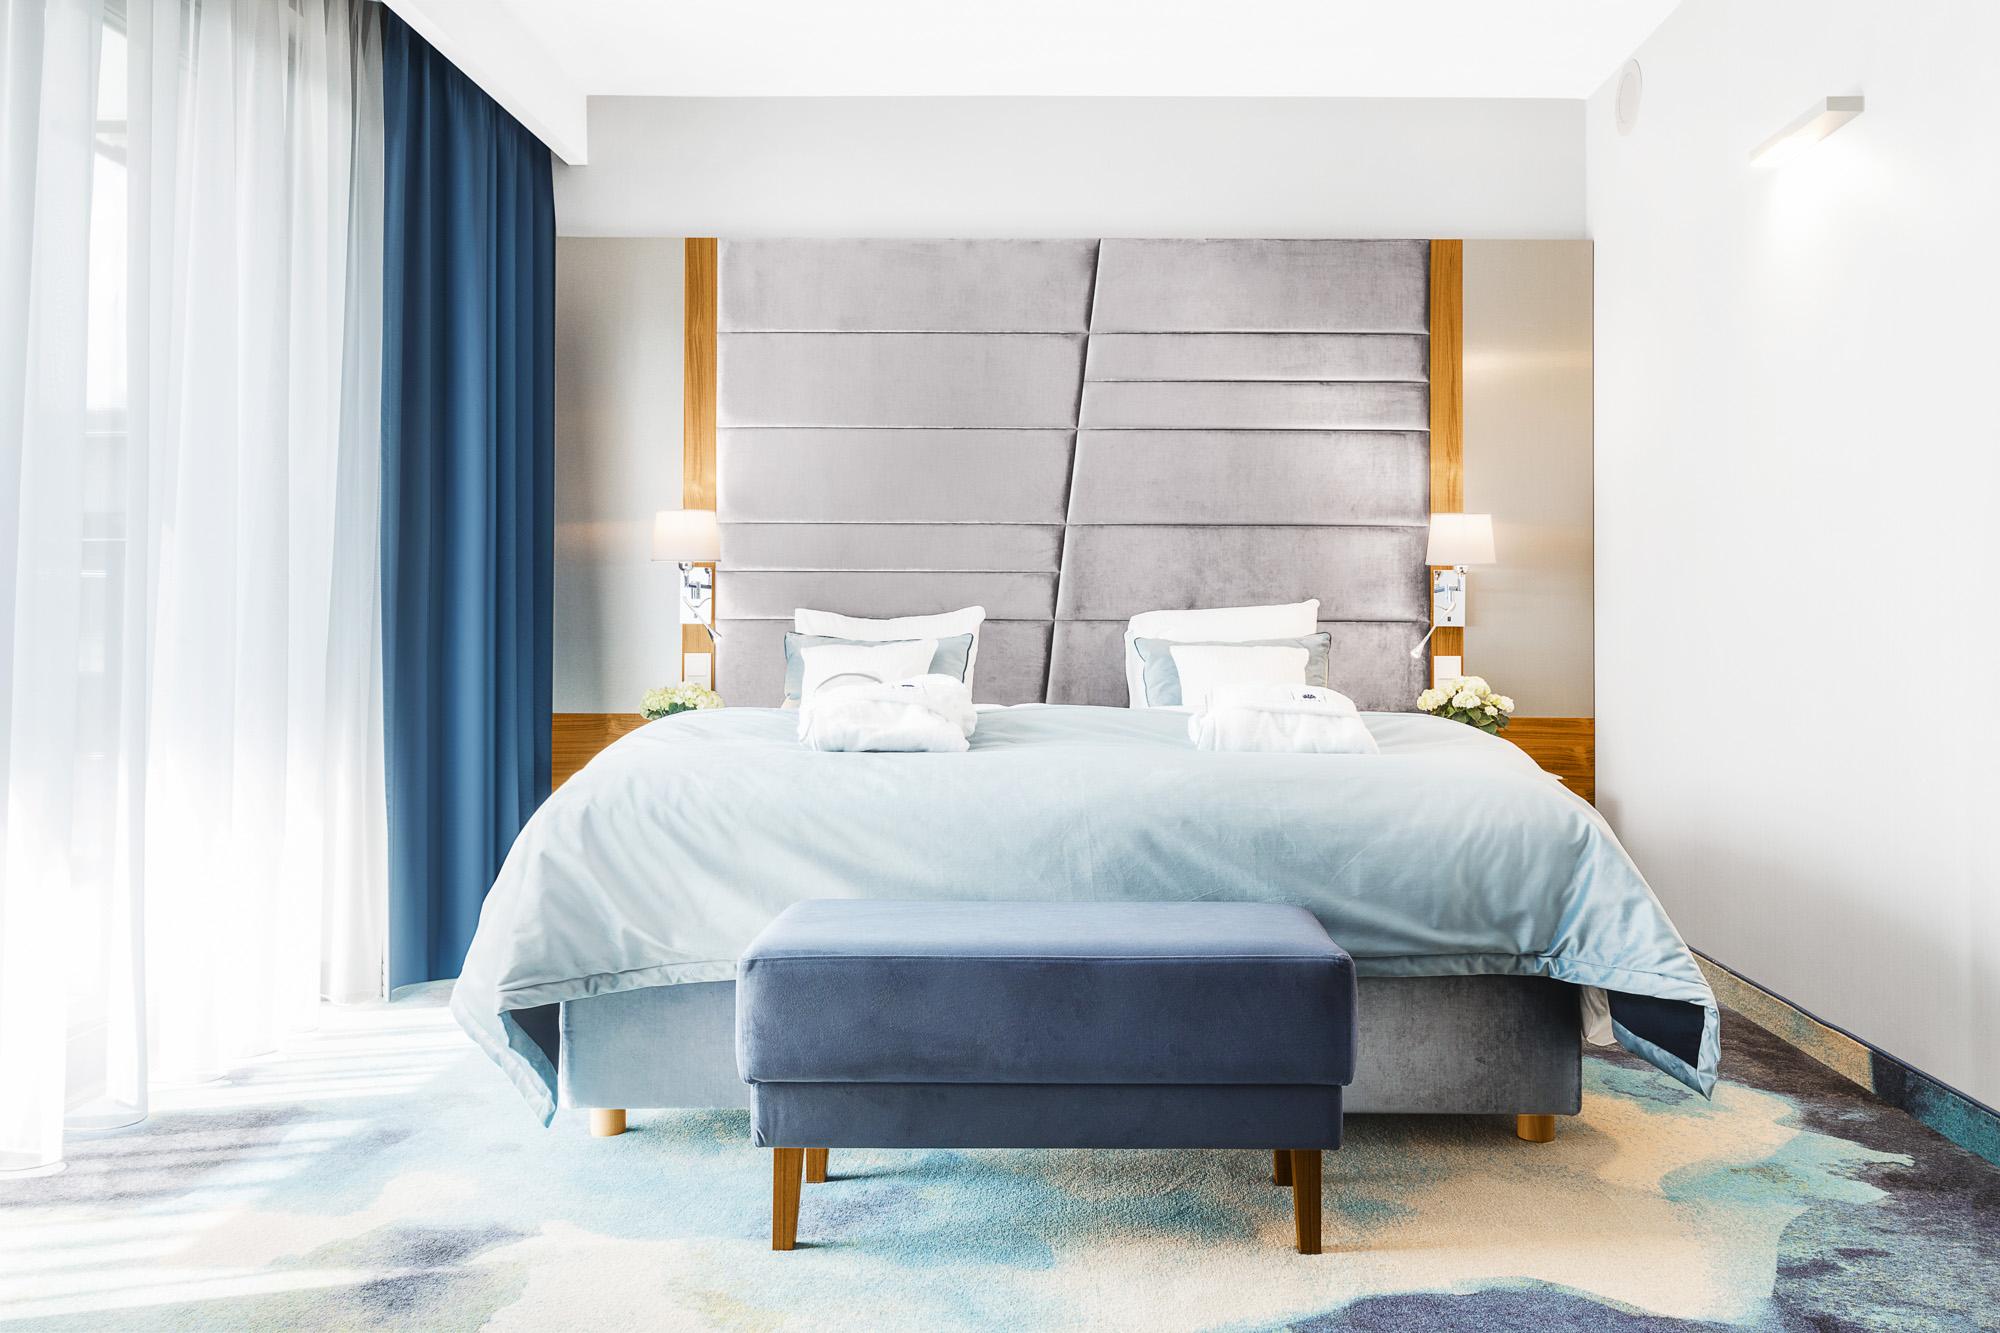 Hotel Testa - Pokój Deluxe